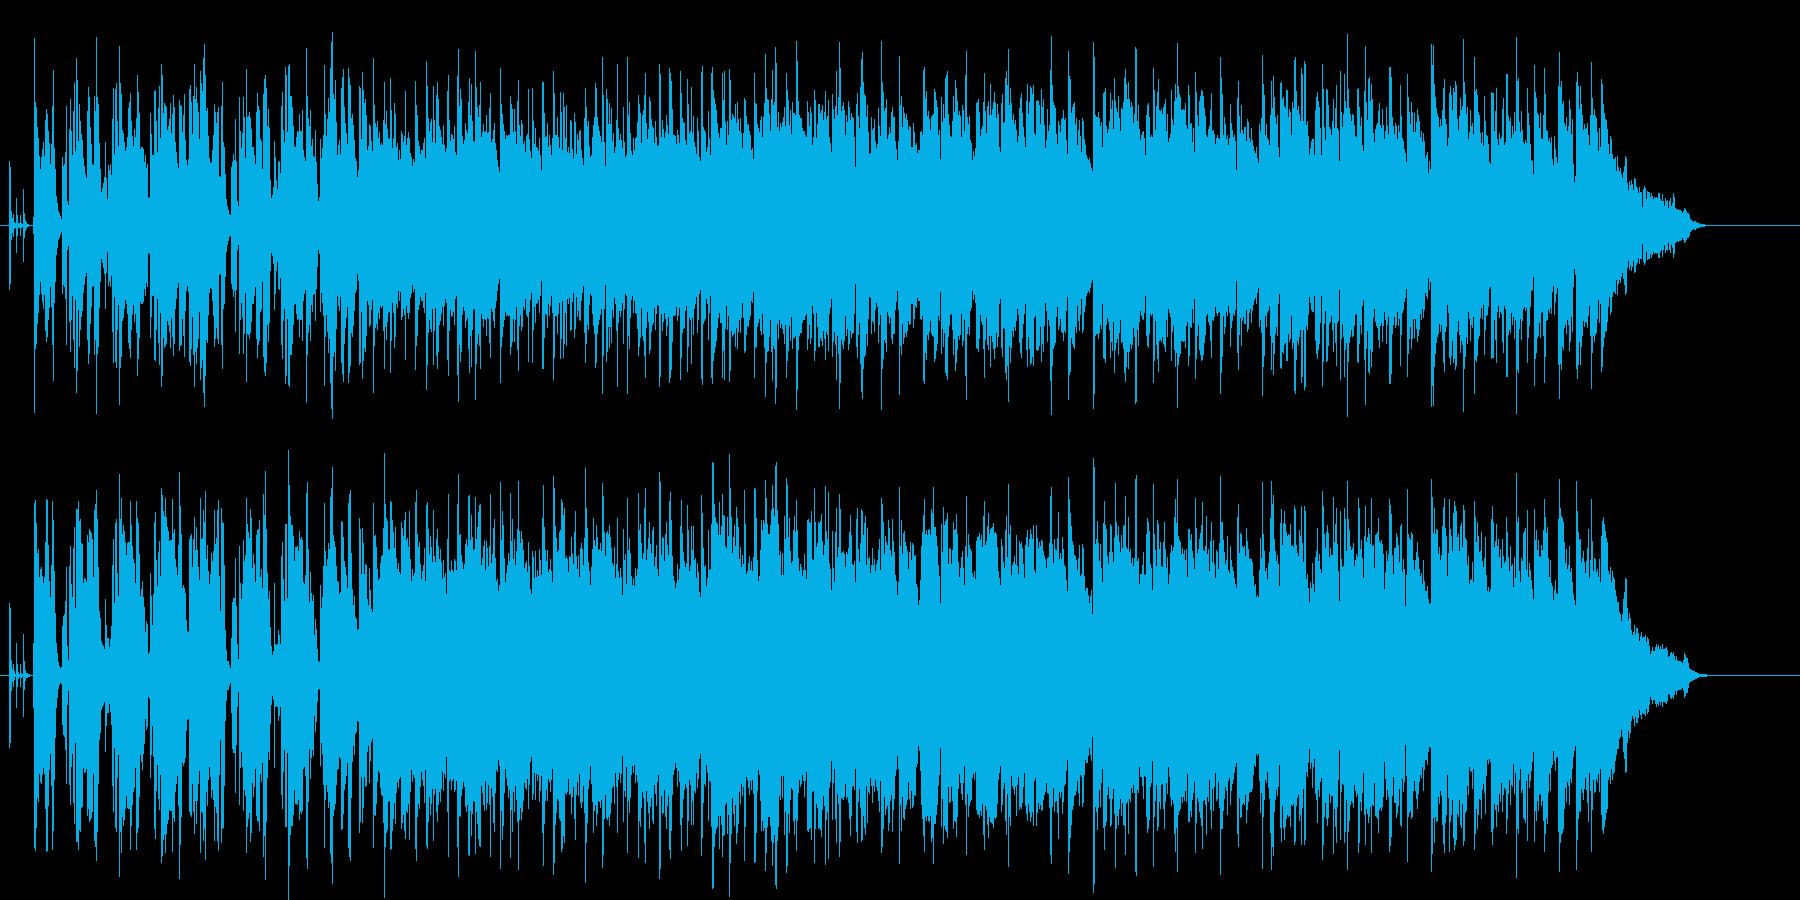 おだやかでふくよかな響きのポップの再生済みの波形